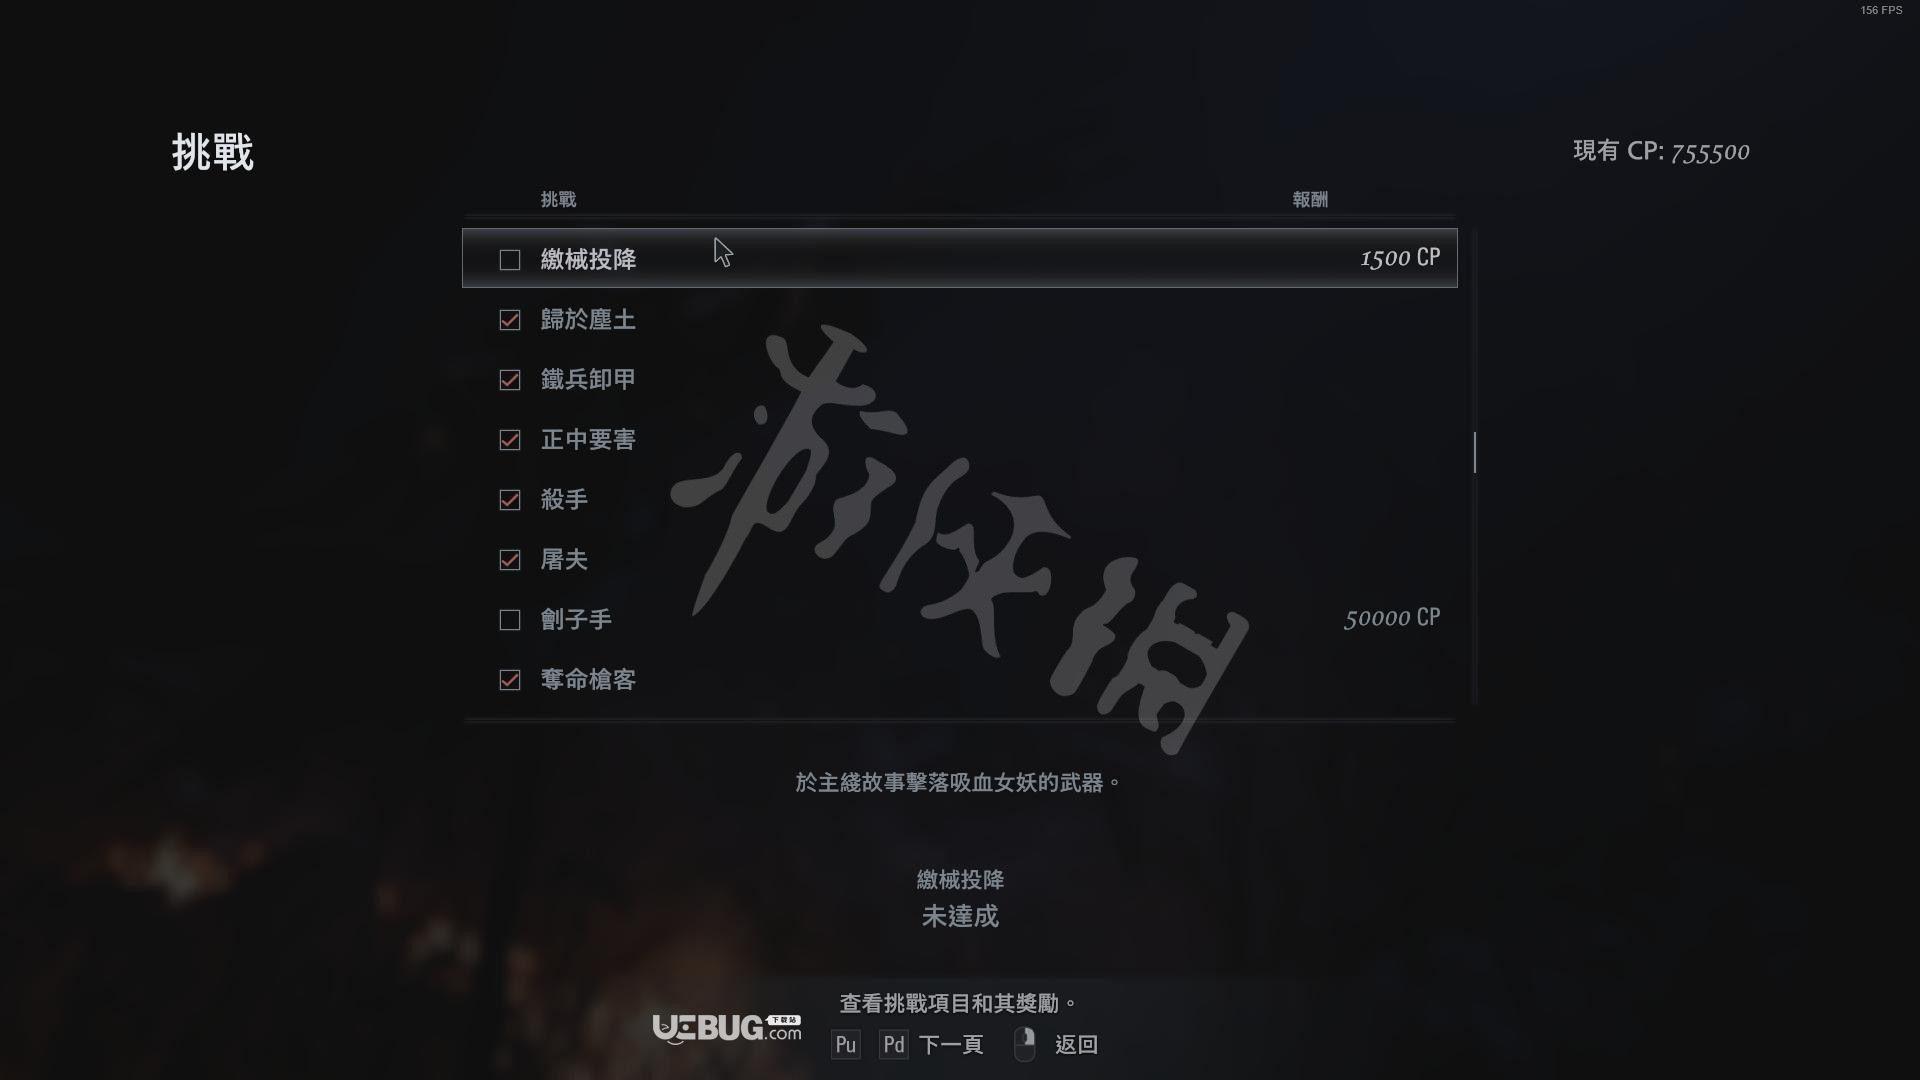 《生化危机8村庄》游戏中缴械投降挑战玩法介绍